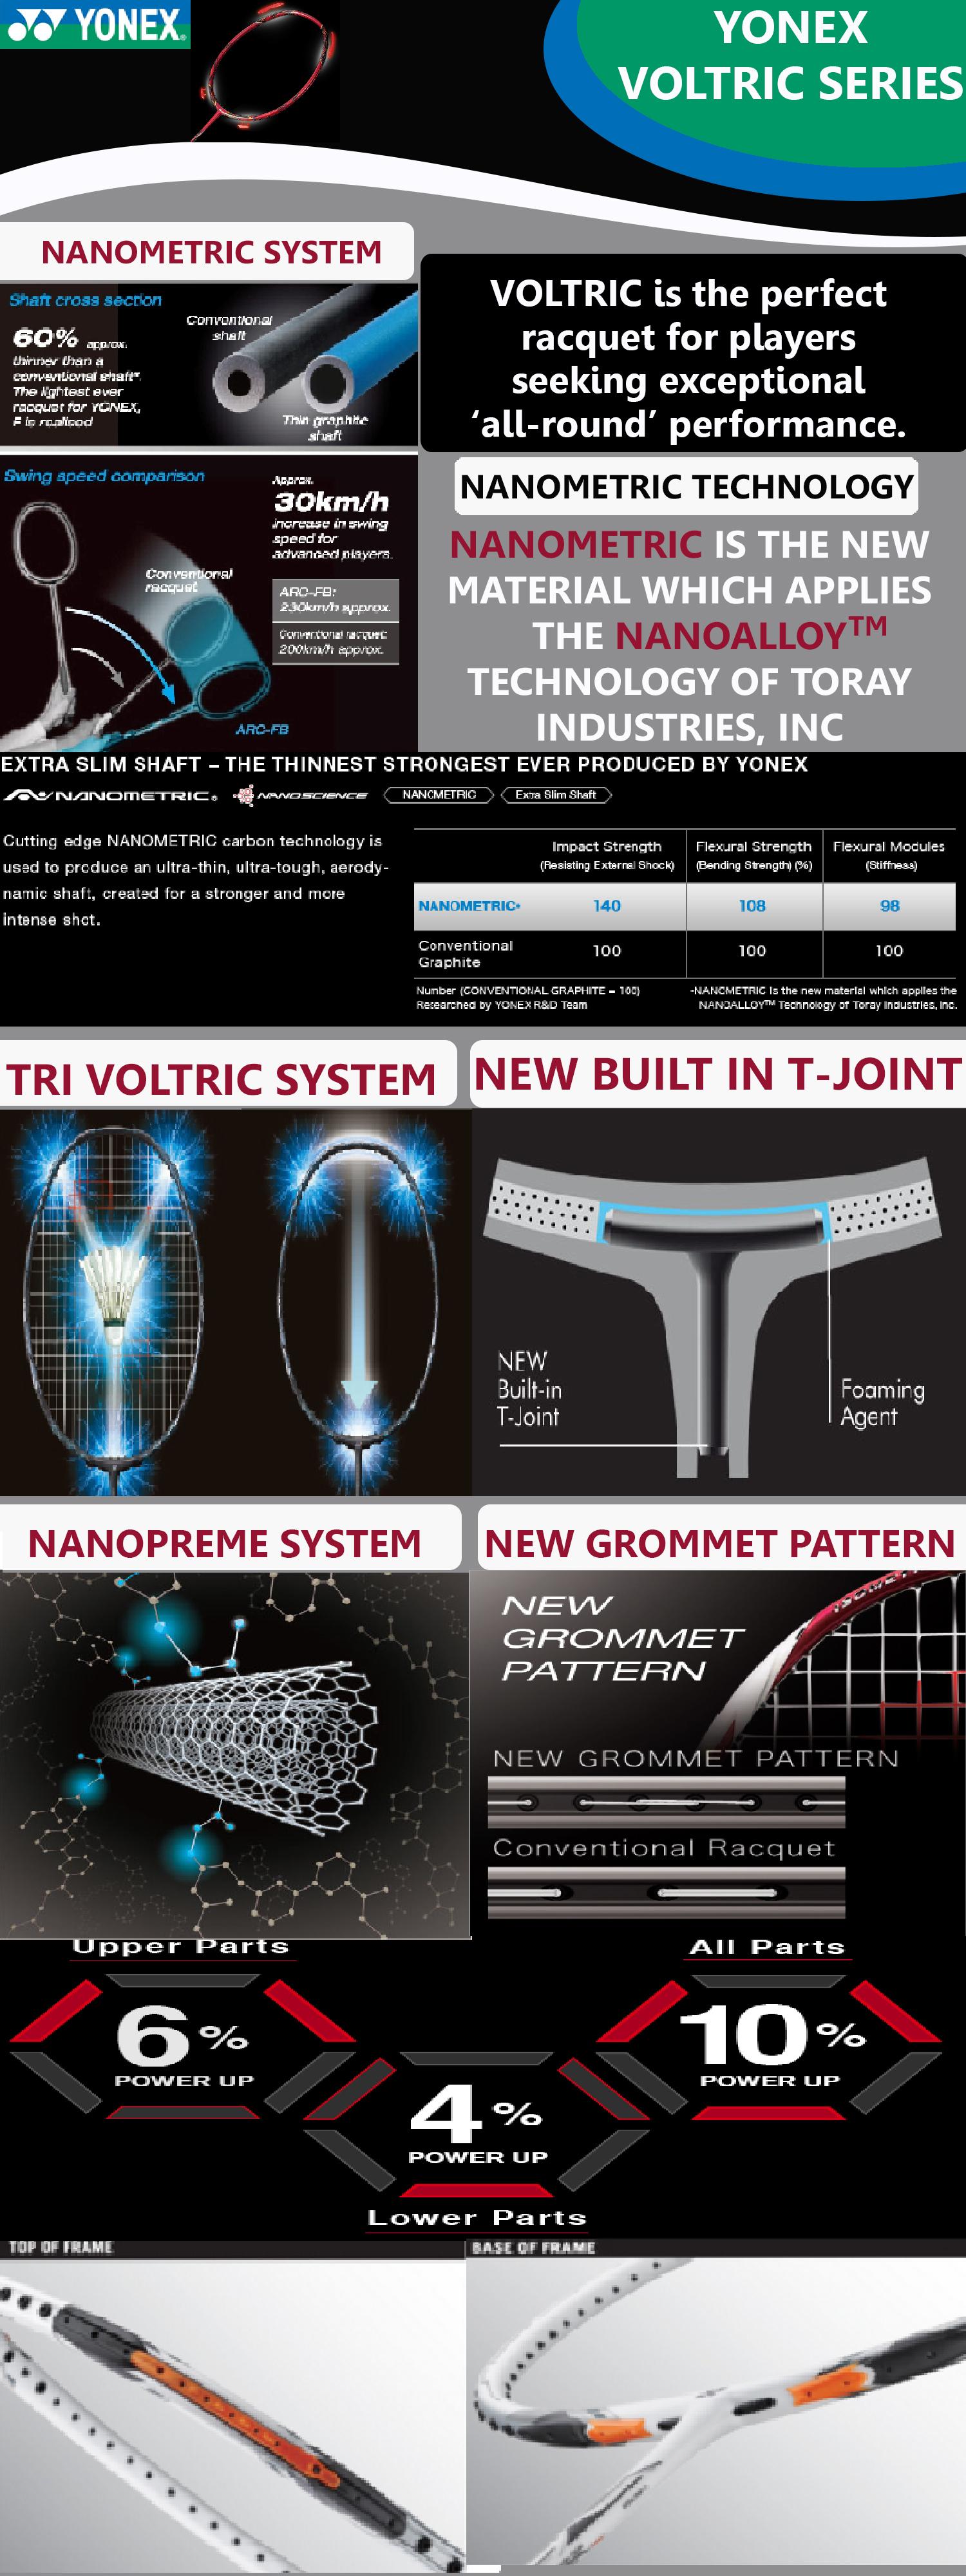 yonex voltric series